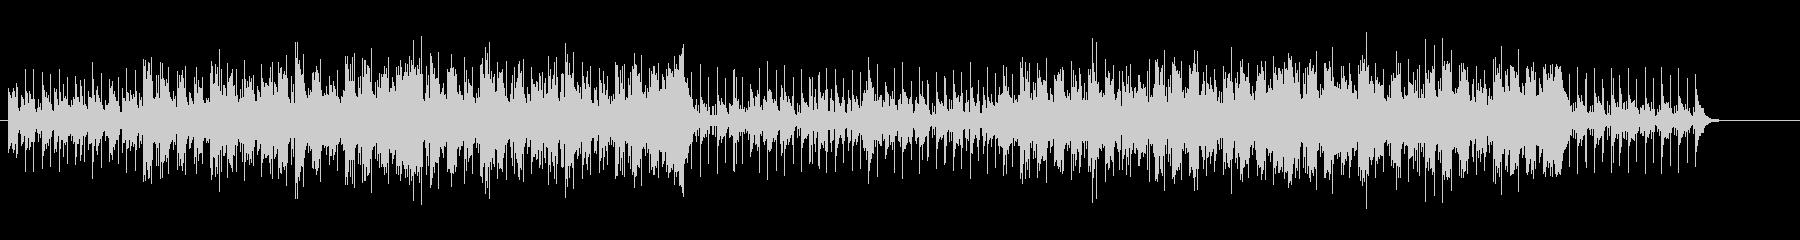 サヴァンナにトリップする民族音楽風の未再生の波形